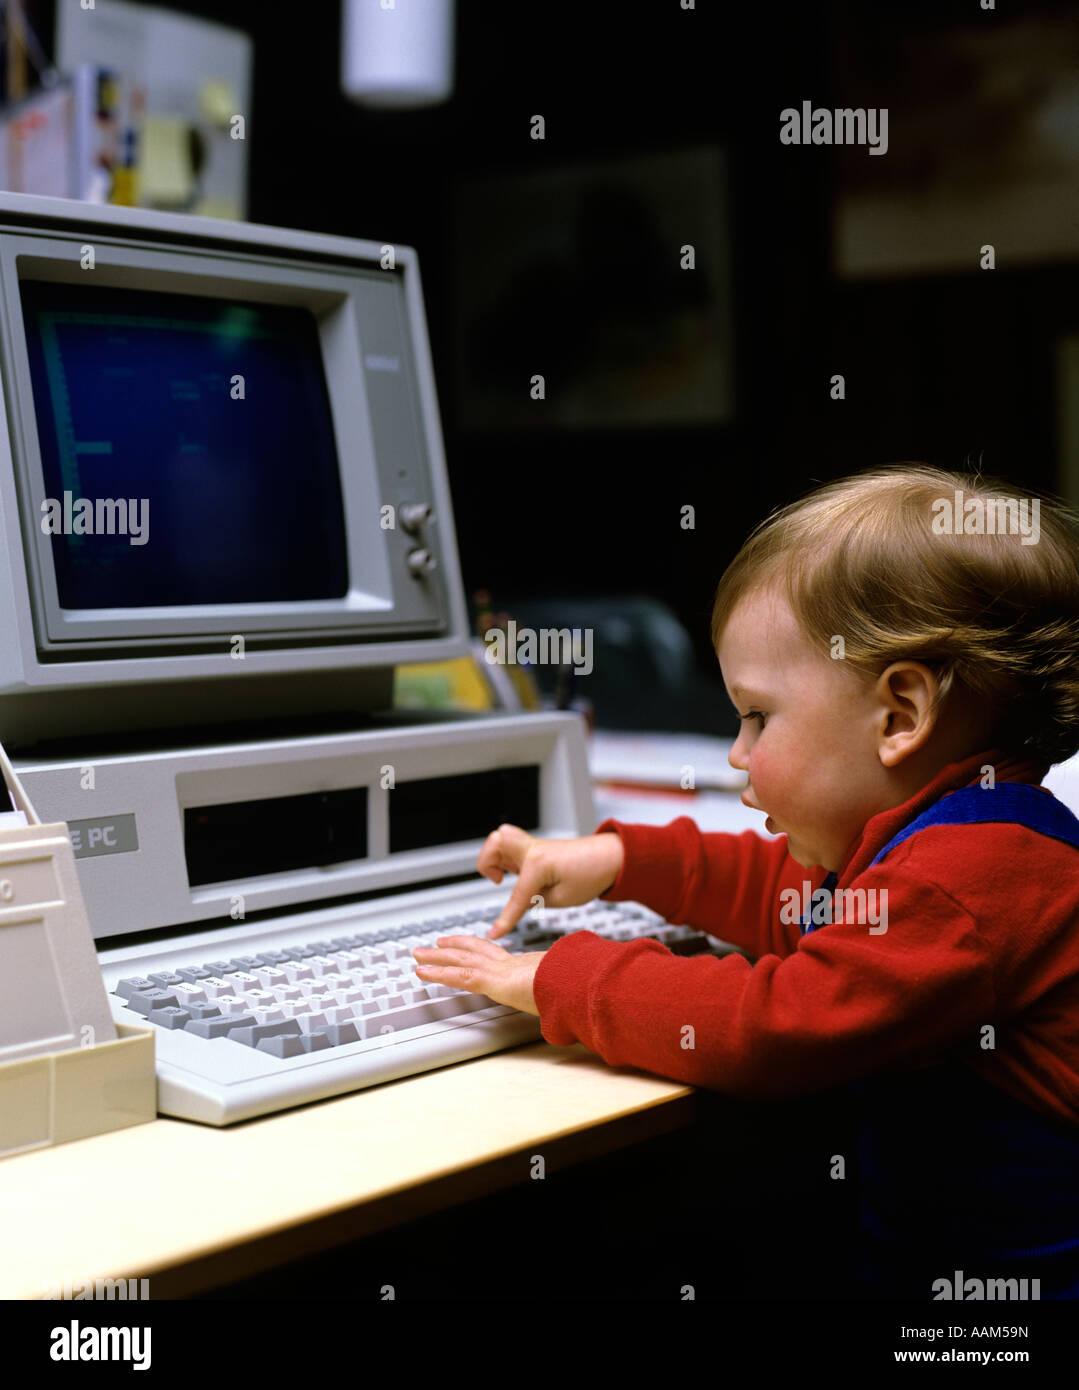 1980ER JAHRE JUNGES KIND JUNGE MÄDCHEN SPIELEN MIT FRÜHEN IBM PC COMPUTER DRÜCKEN TASTE AUF DER TASTATUR Stockfoto